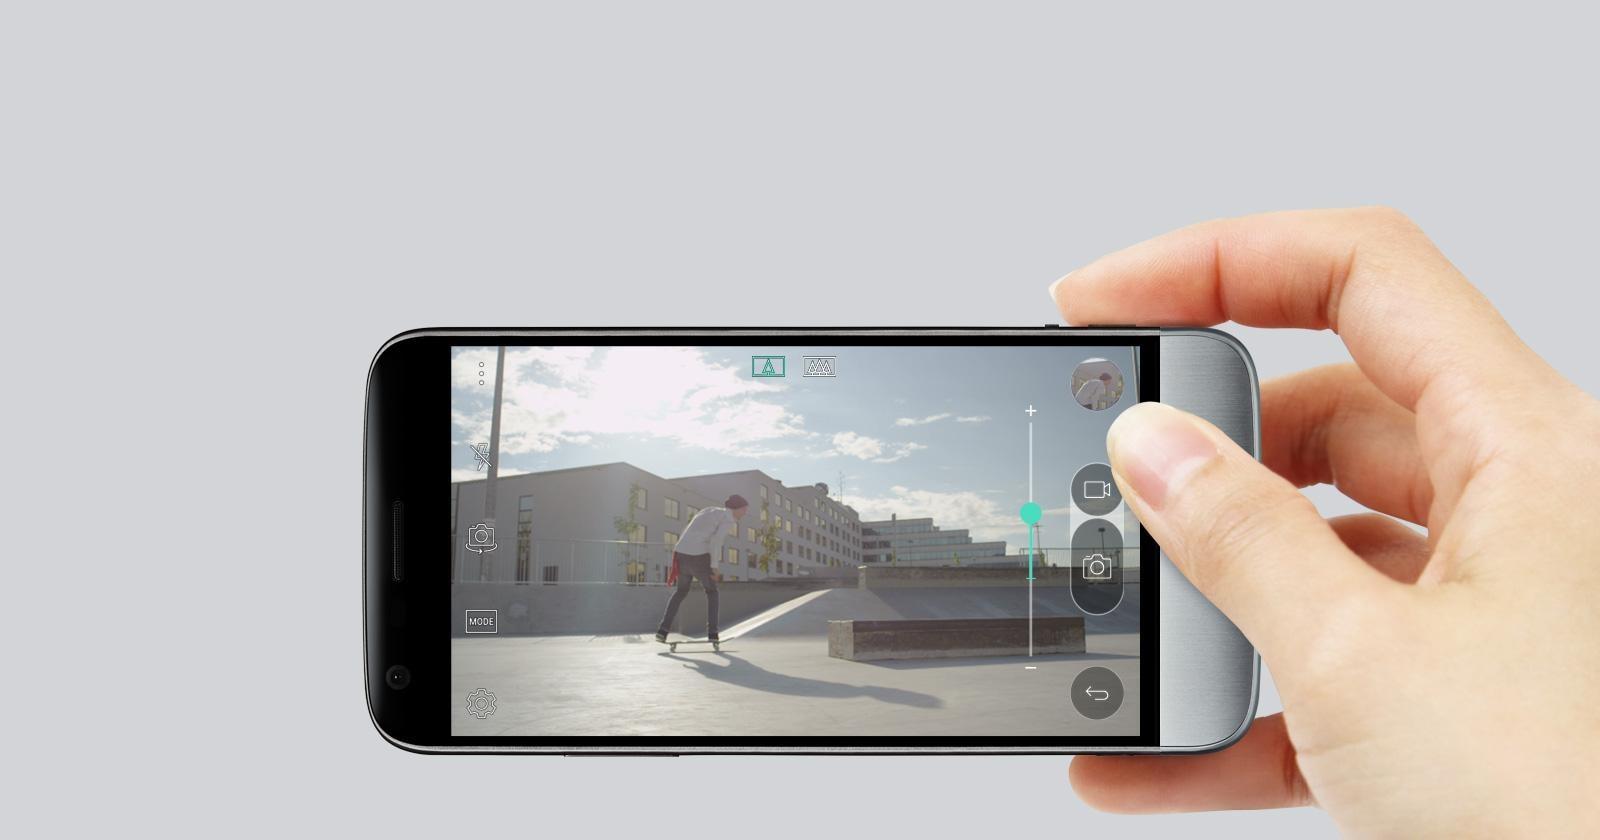 LG CAM Plus (Compatible carriers: Verizon, Sprint, T-Mobile, & US Cellular)